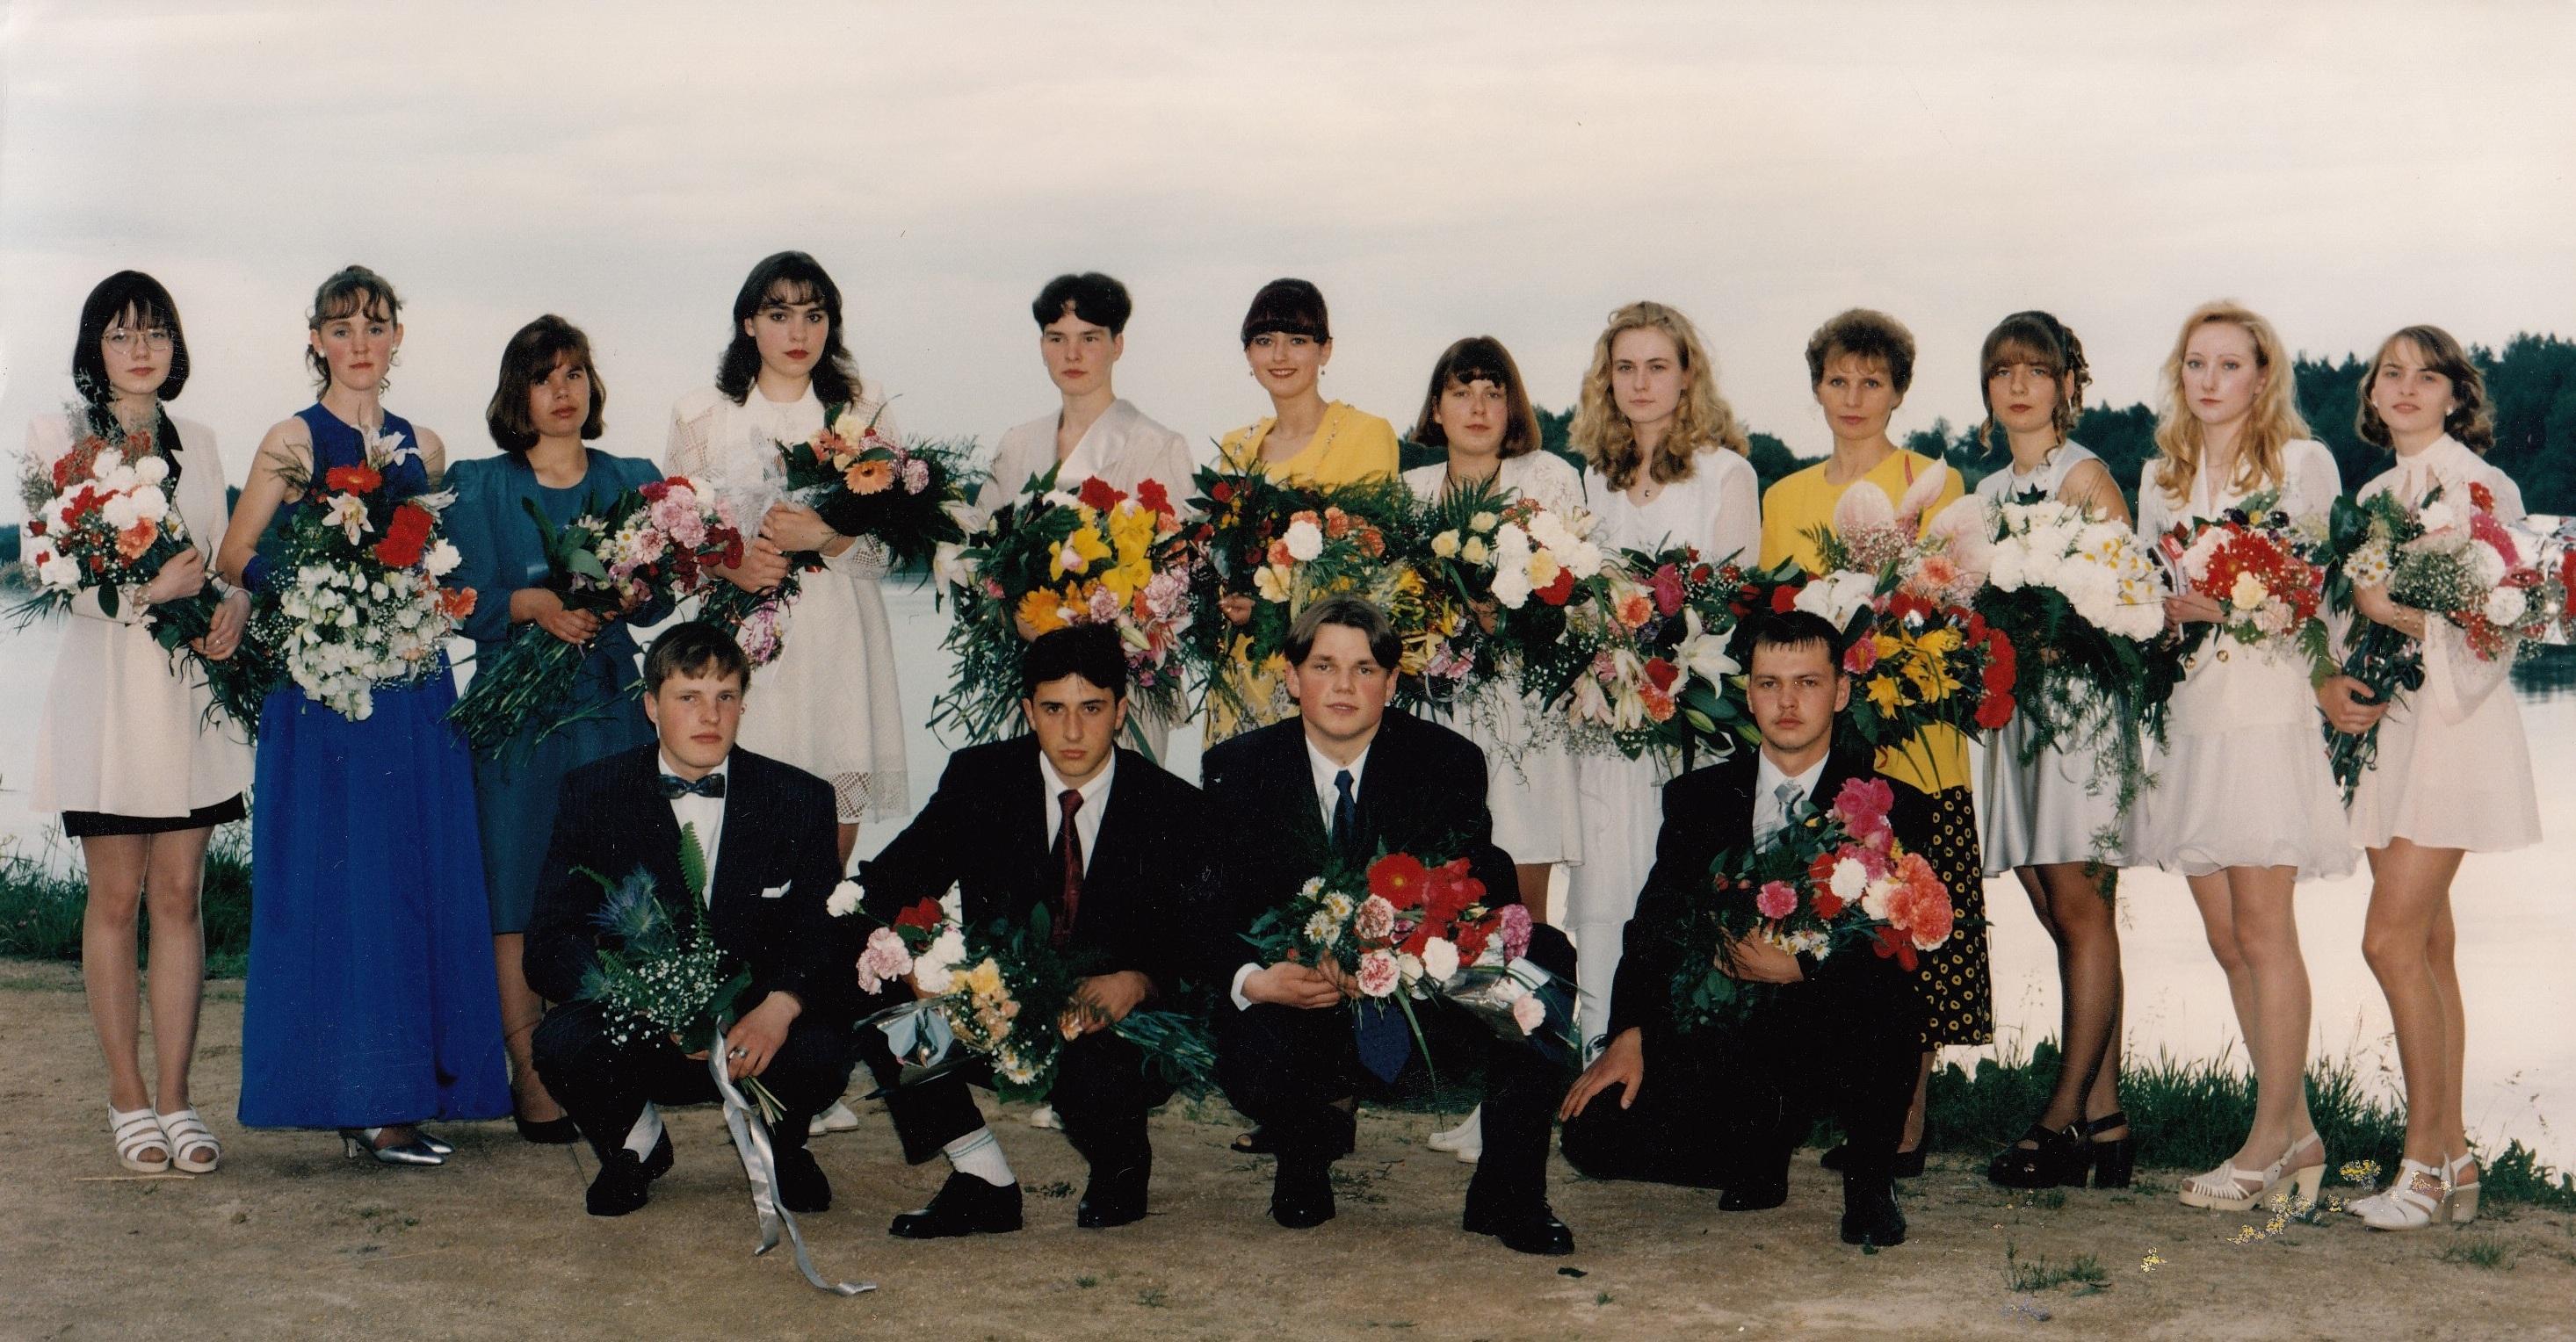 1997.gads 12b I.Seipule